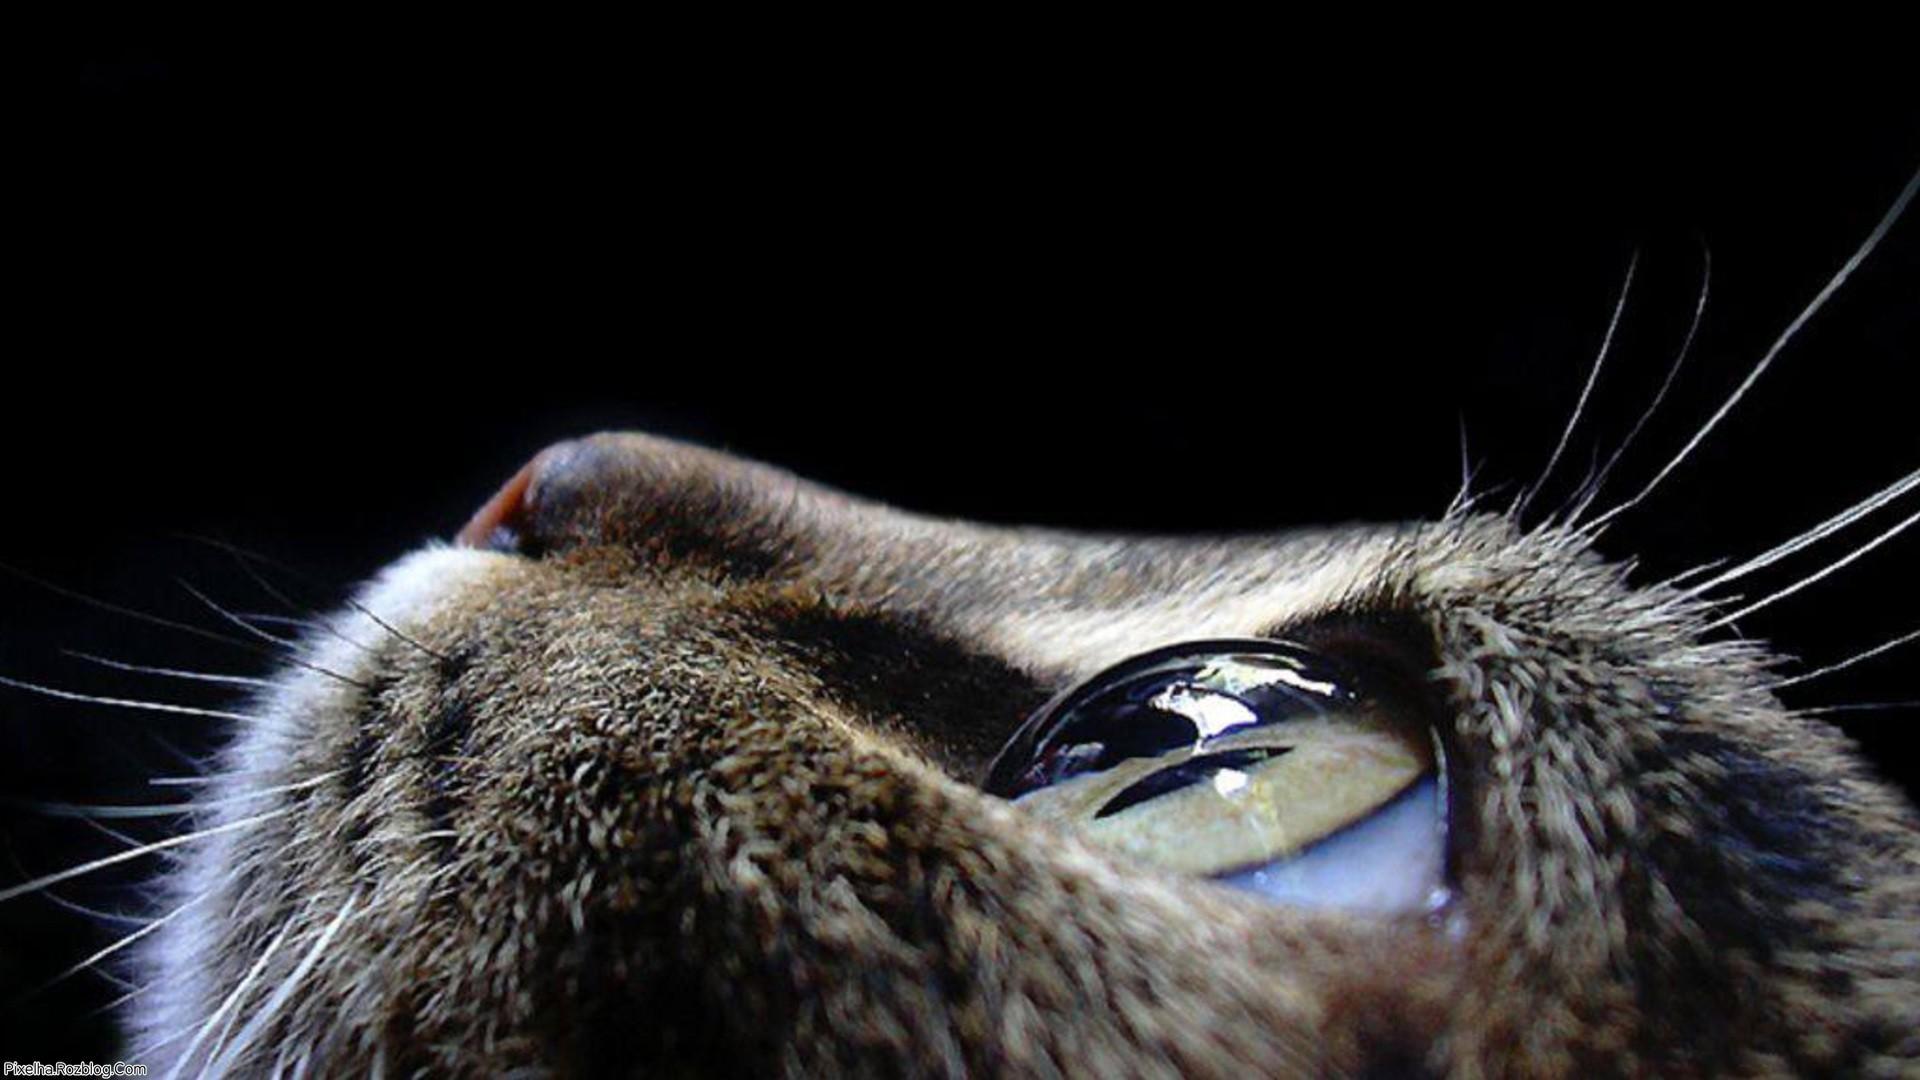 گربه با چشمان بزرگ